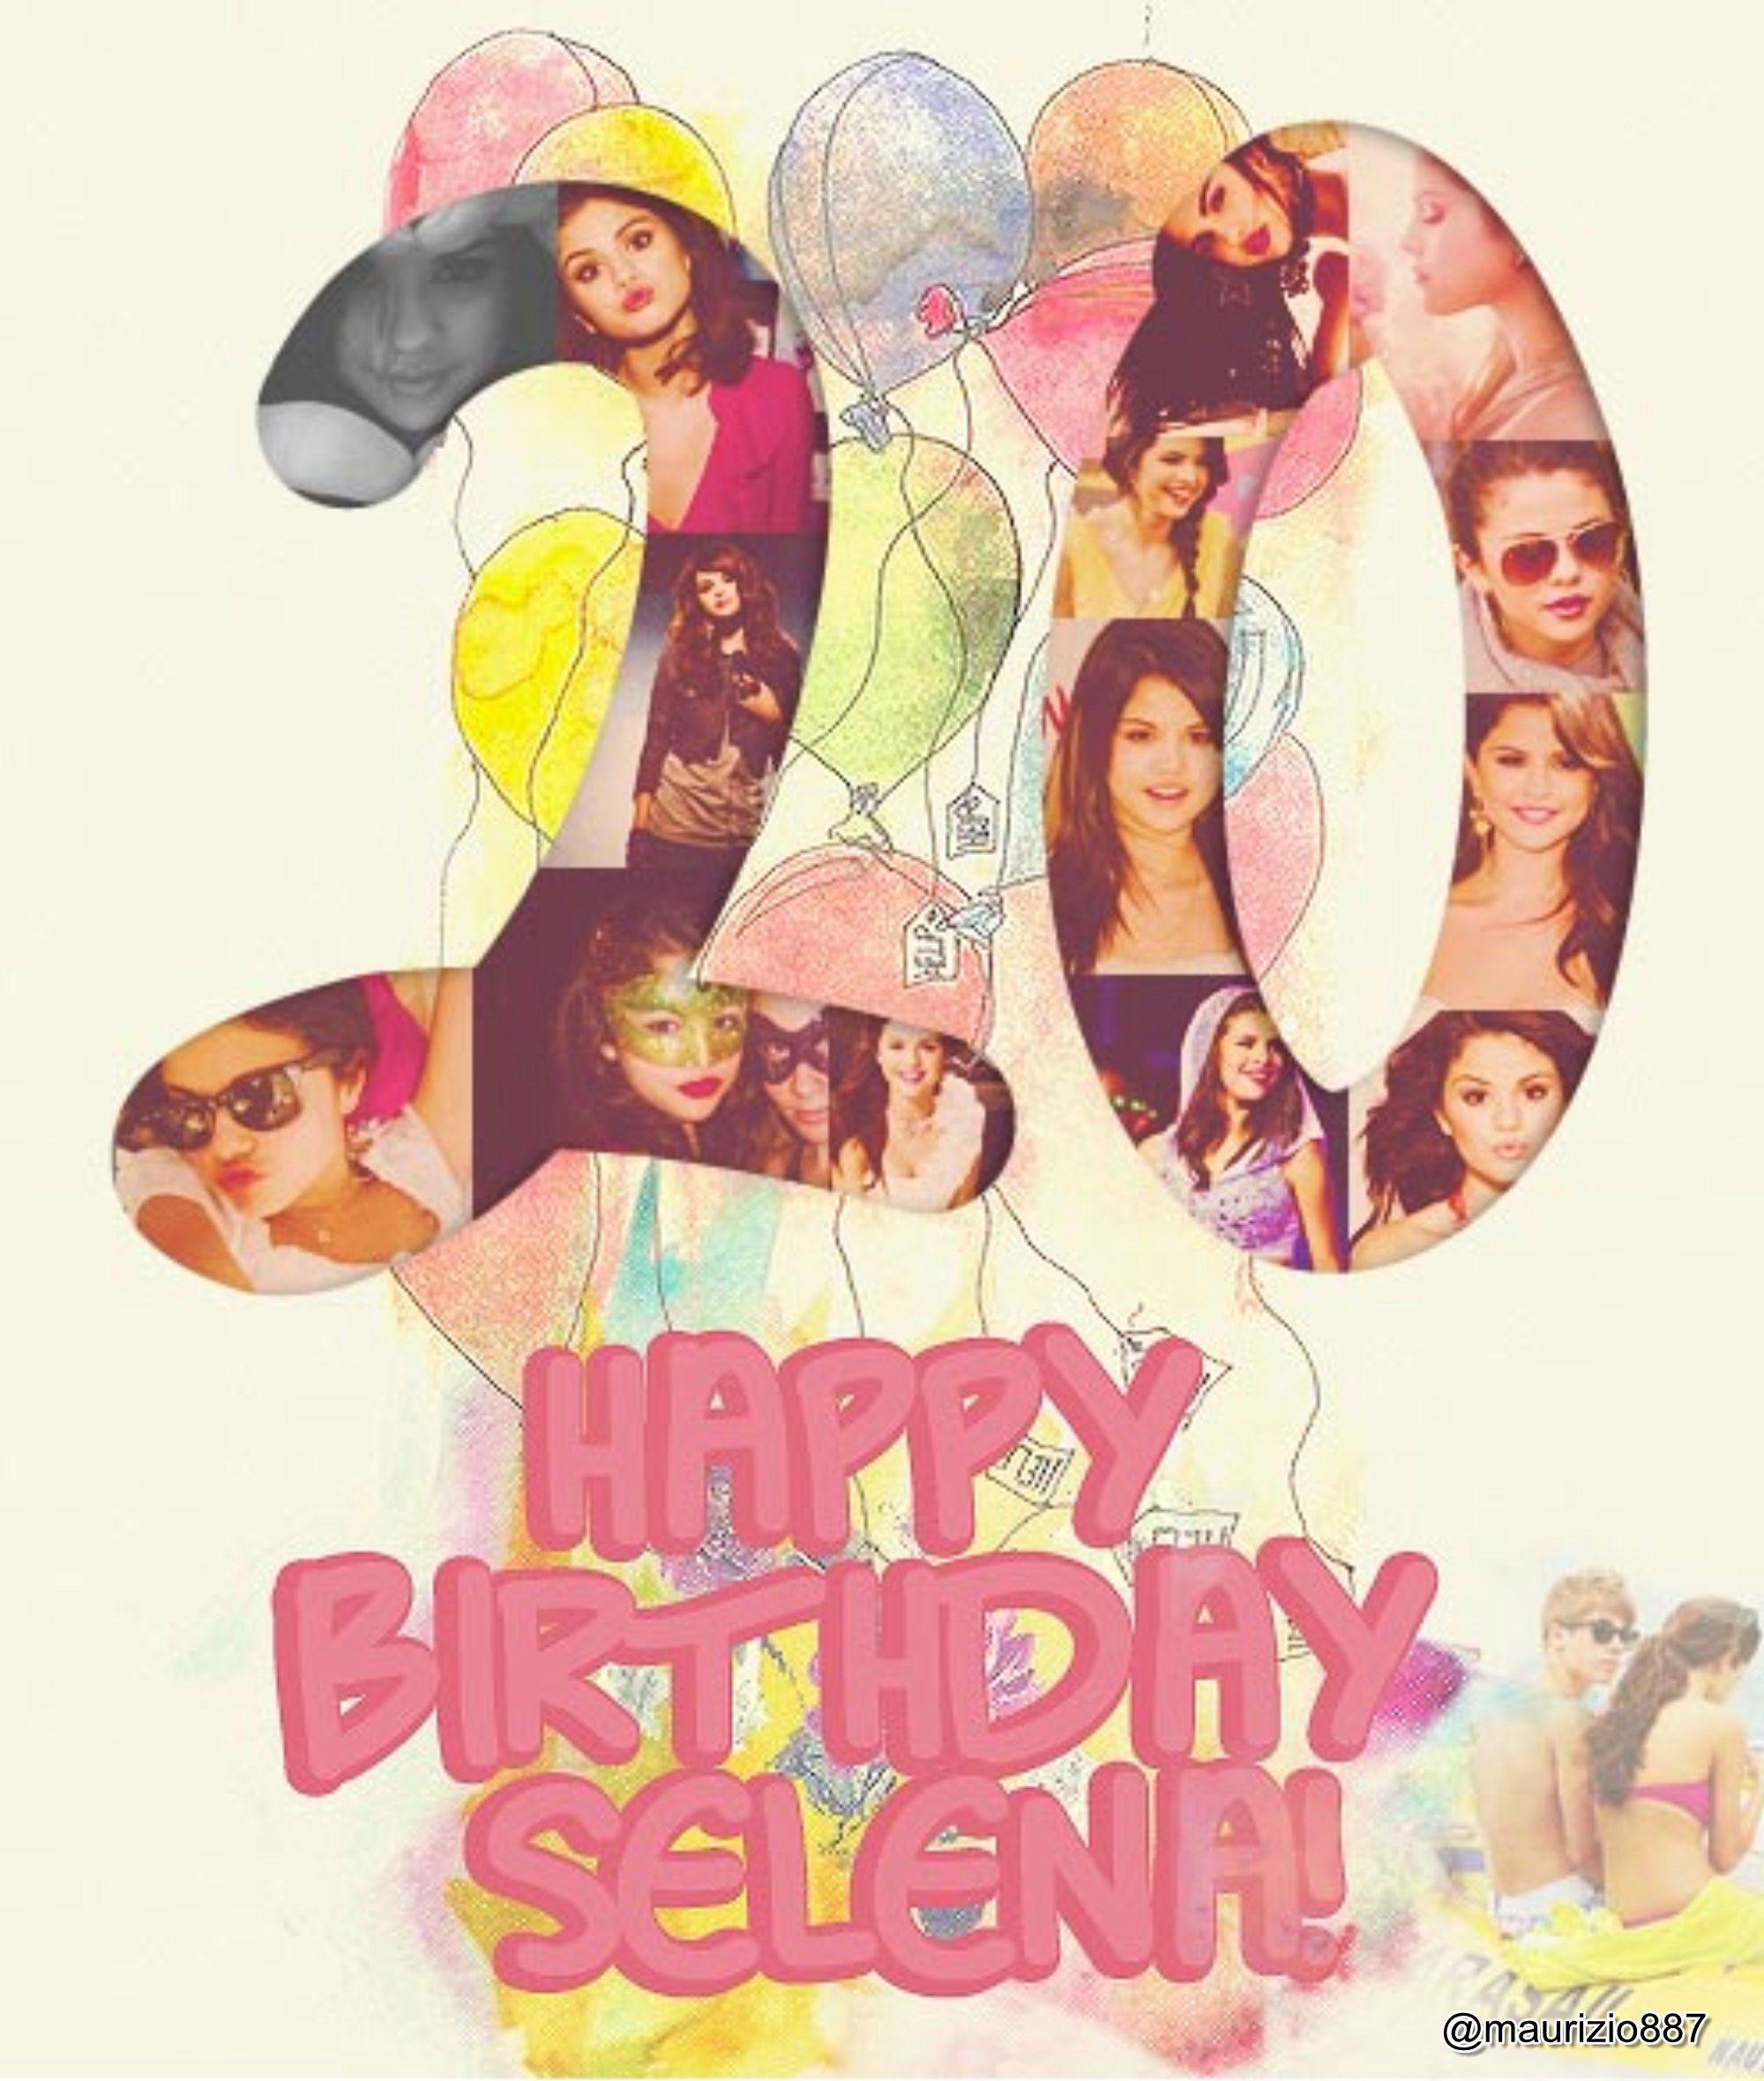 Happy 20th Birthday Selena!!